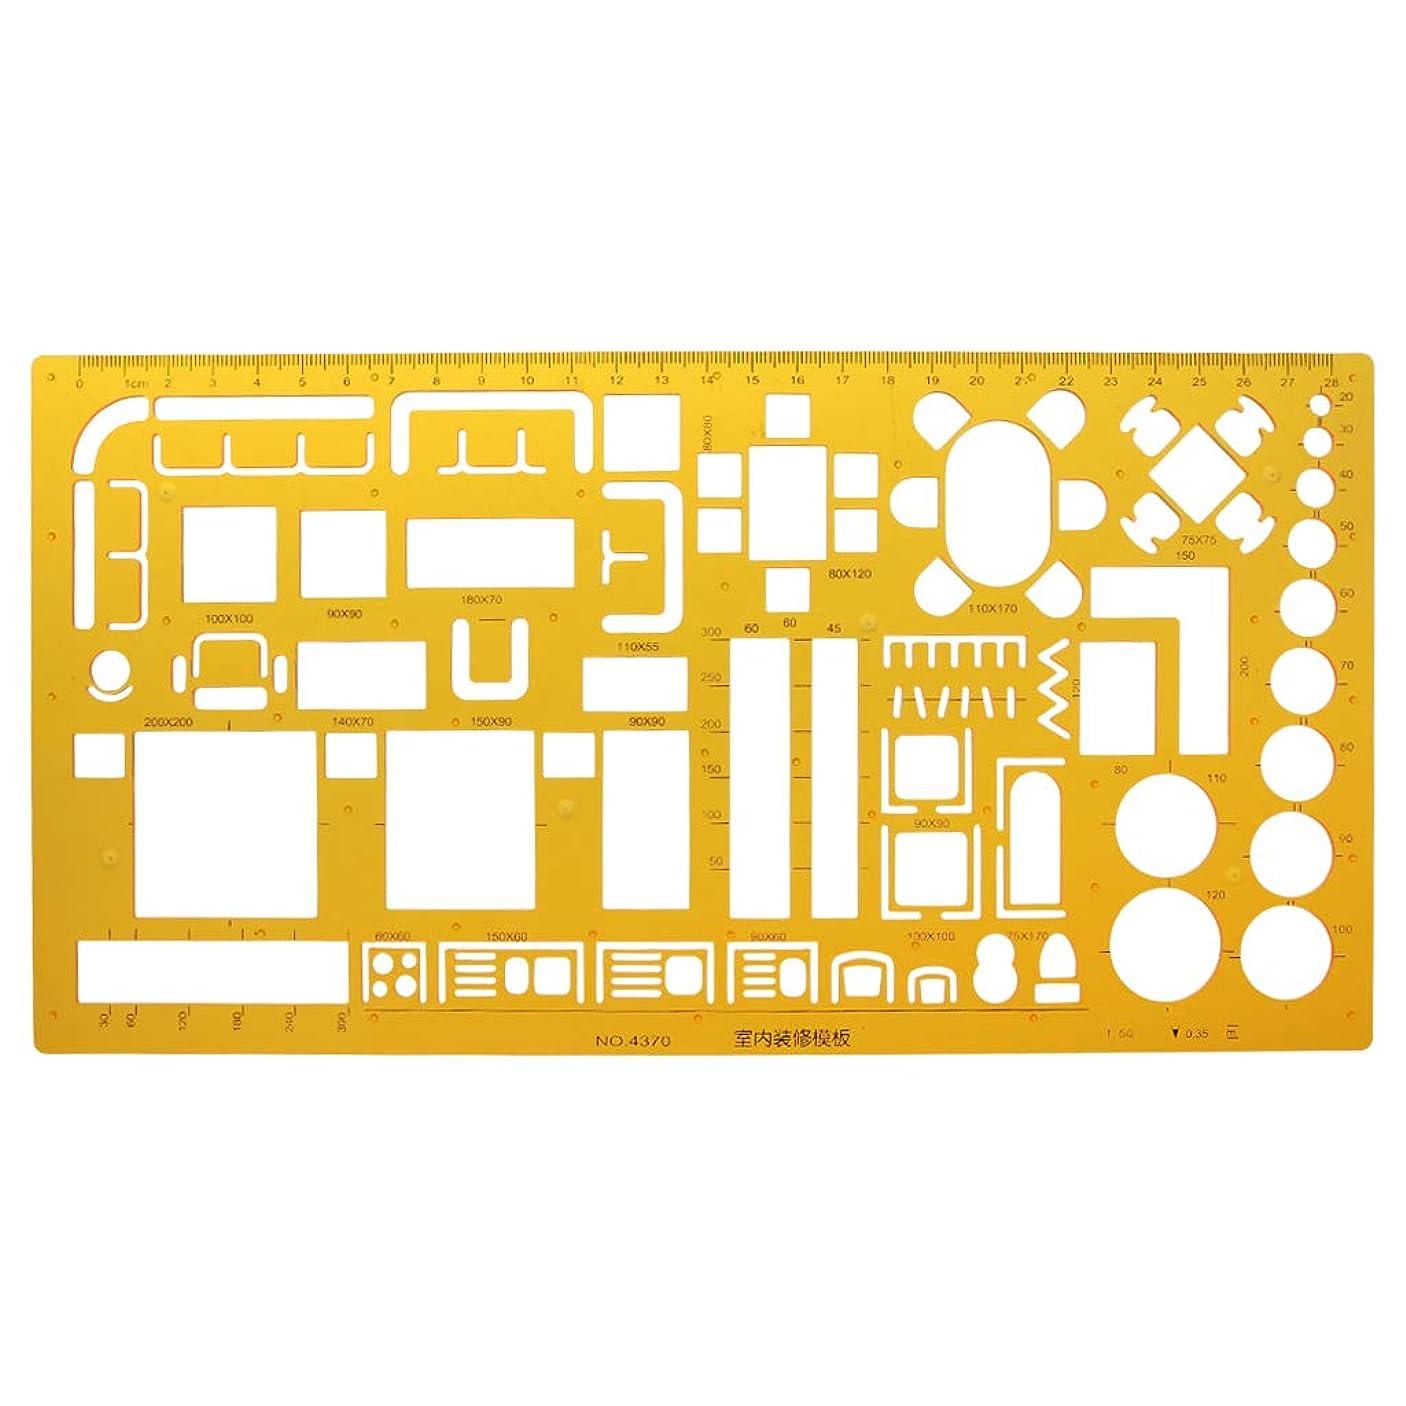 混乱したシンボル採用Daeumインテリアデコレータデザイン家具レイアウト建築テンプレート定規図面